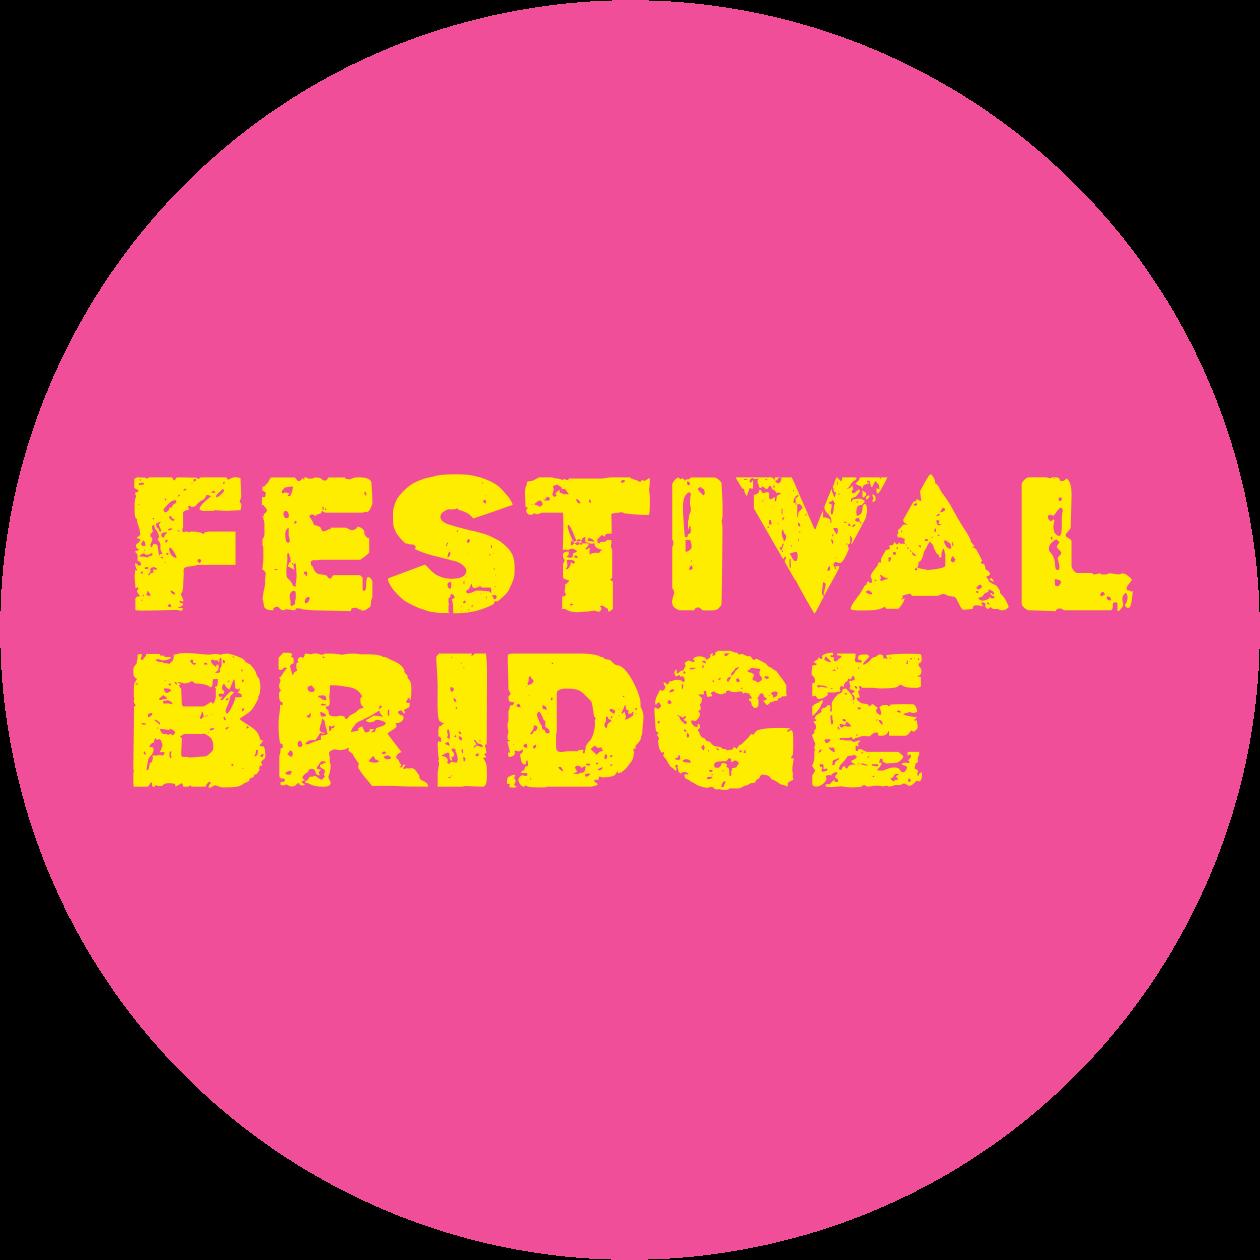 Festival Bridge